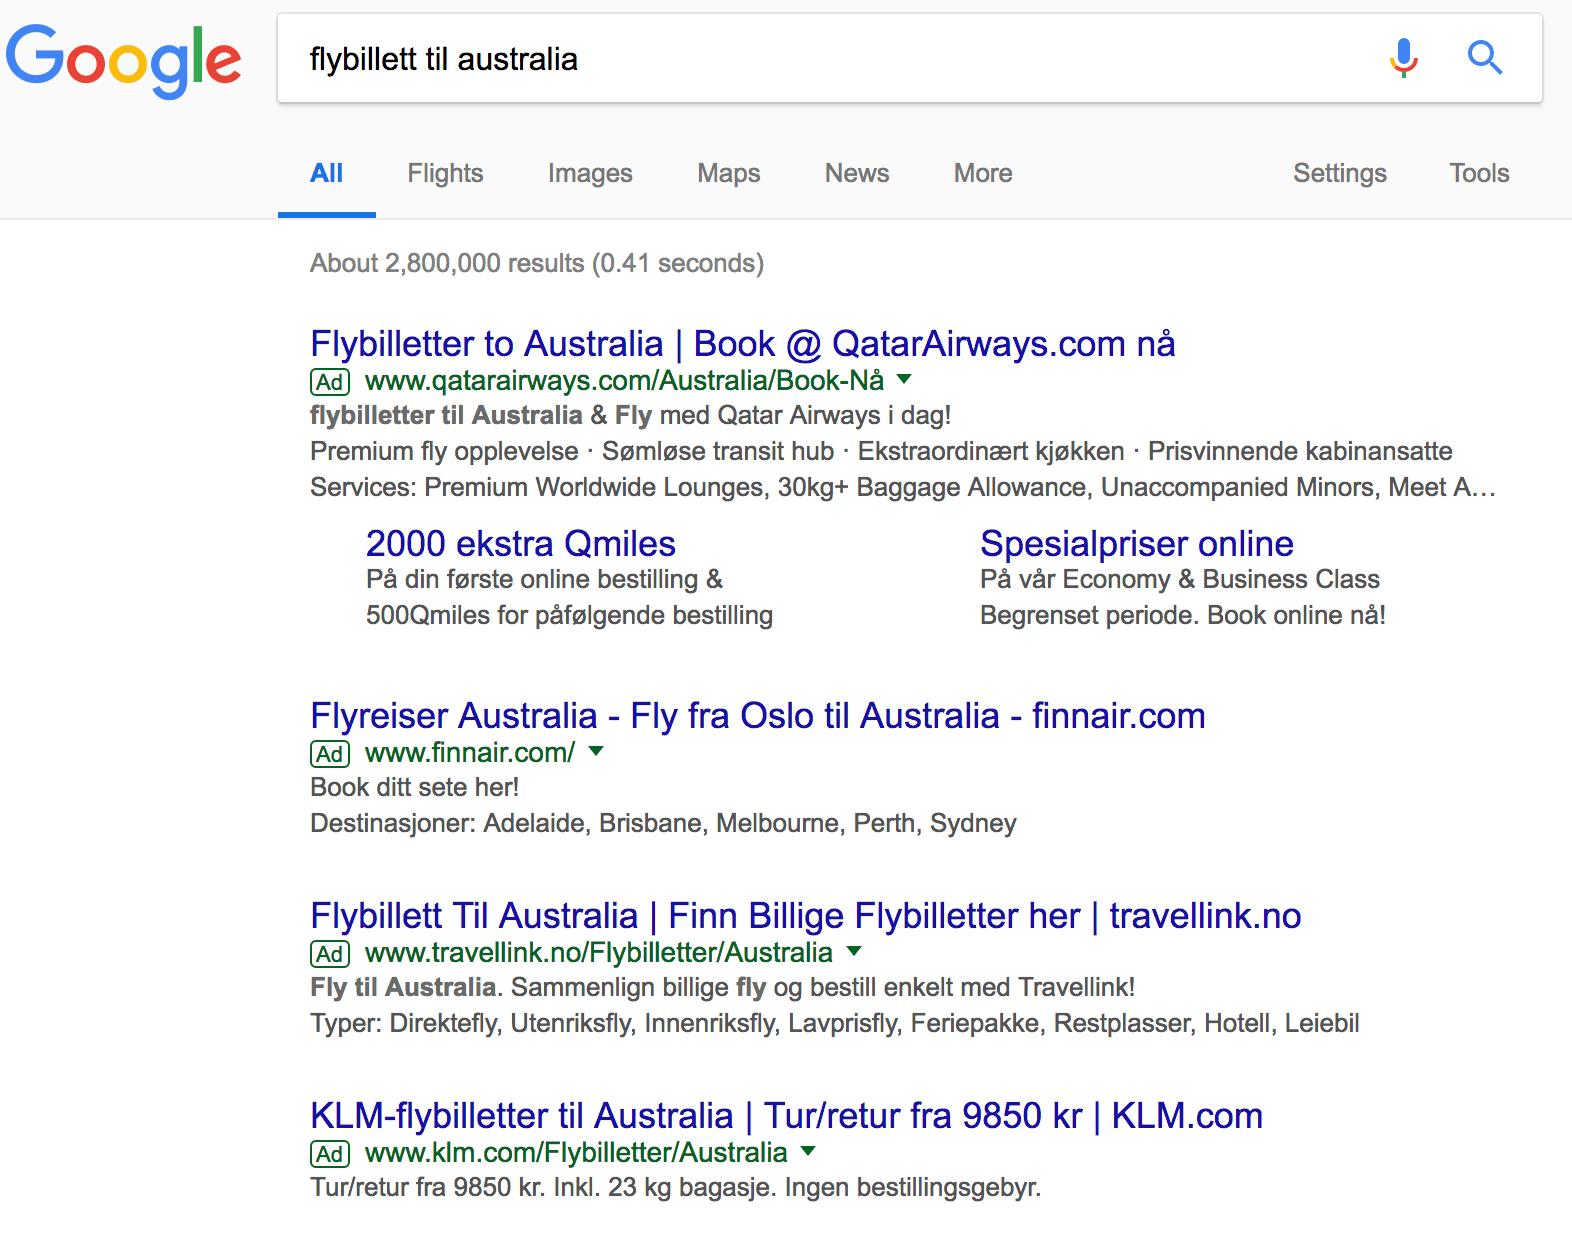 screenshot av søkeresultat etter flybillett til australia i google søkemotor